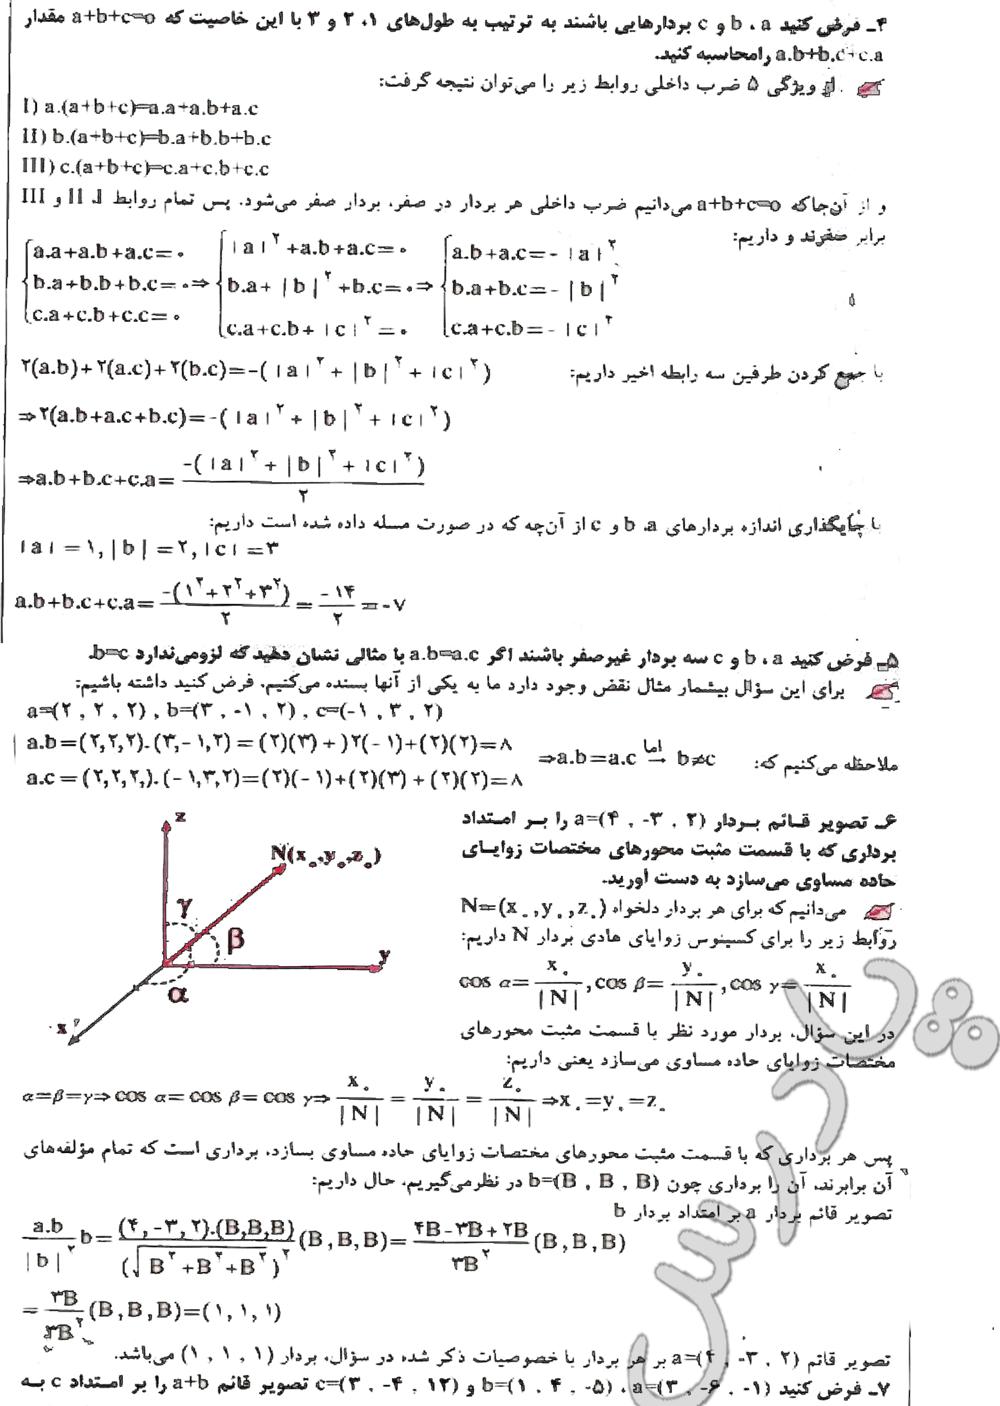 حل تمرین 4 تا 6 صفحه 23 فصل اول هندسه تحلیلی پیش دانشگاهی